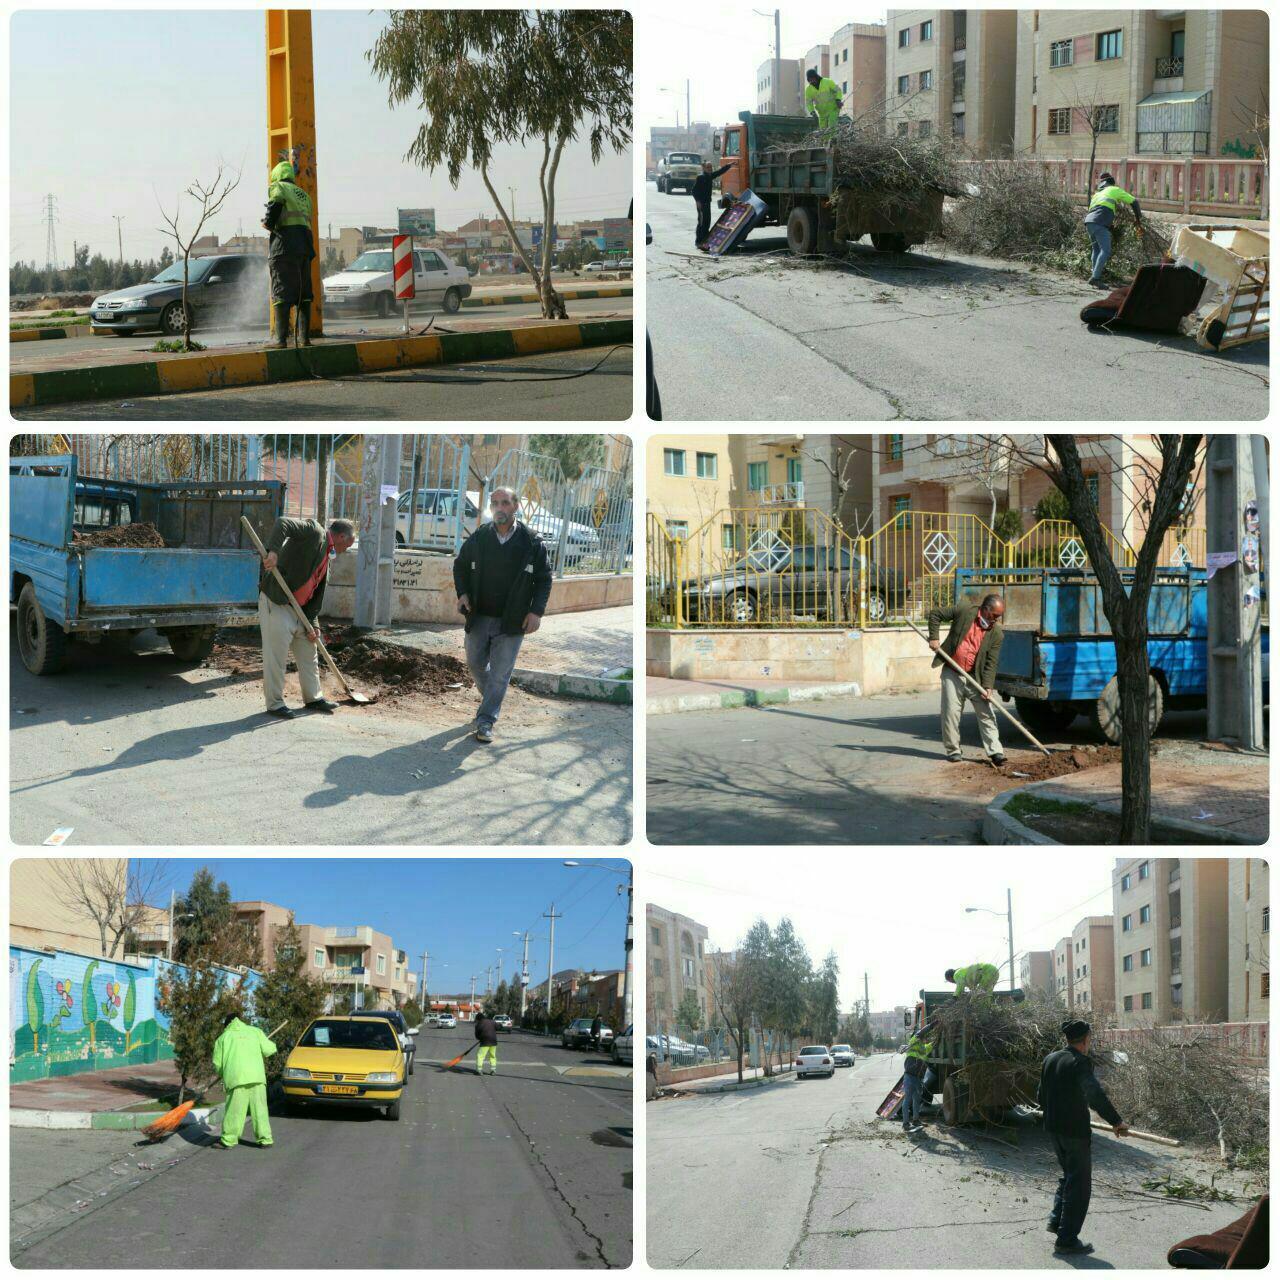 آغاز طرح پاکسازی محله ای در شهر پرند